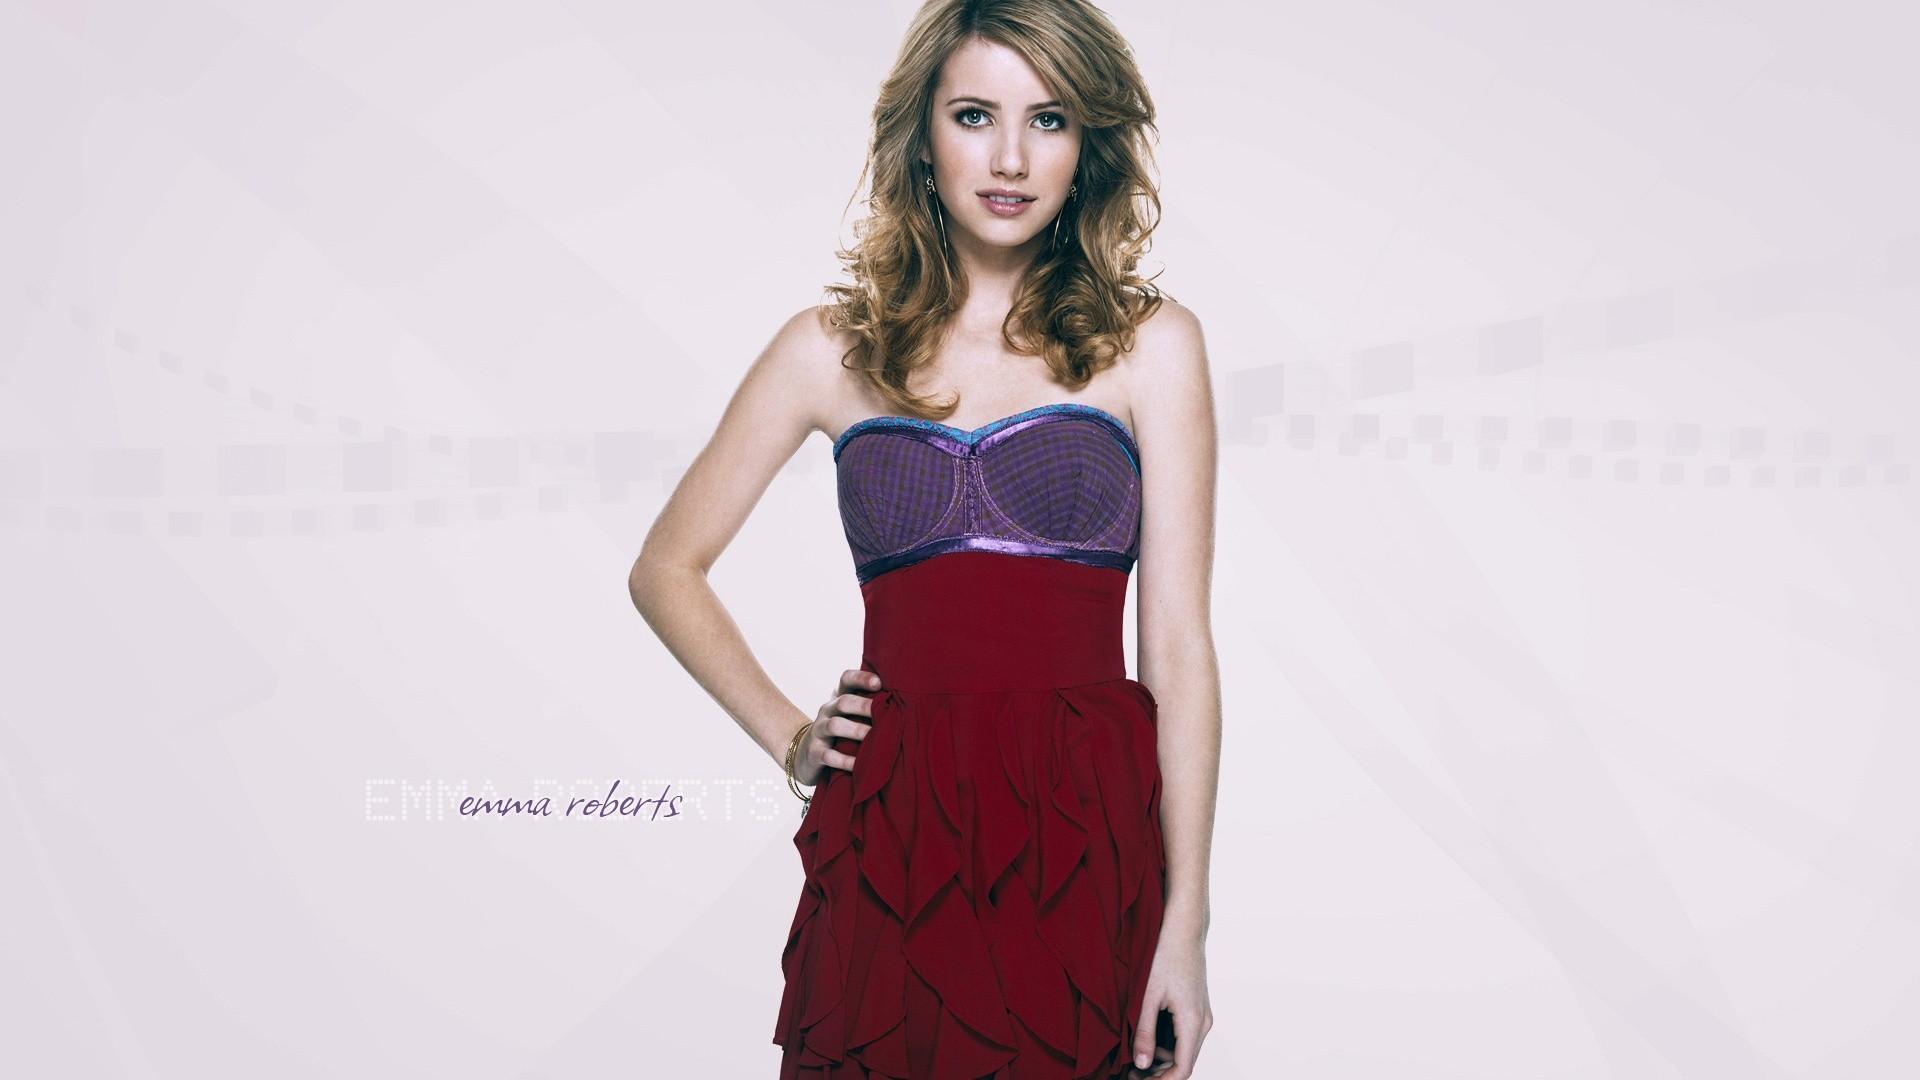 Hintergrundbilder : Frau, Brünette, Berühmtheit, rotes Kleid ...